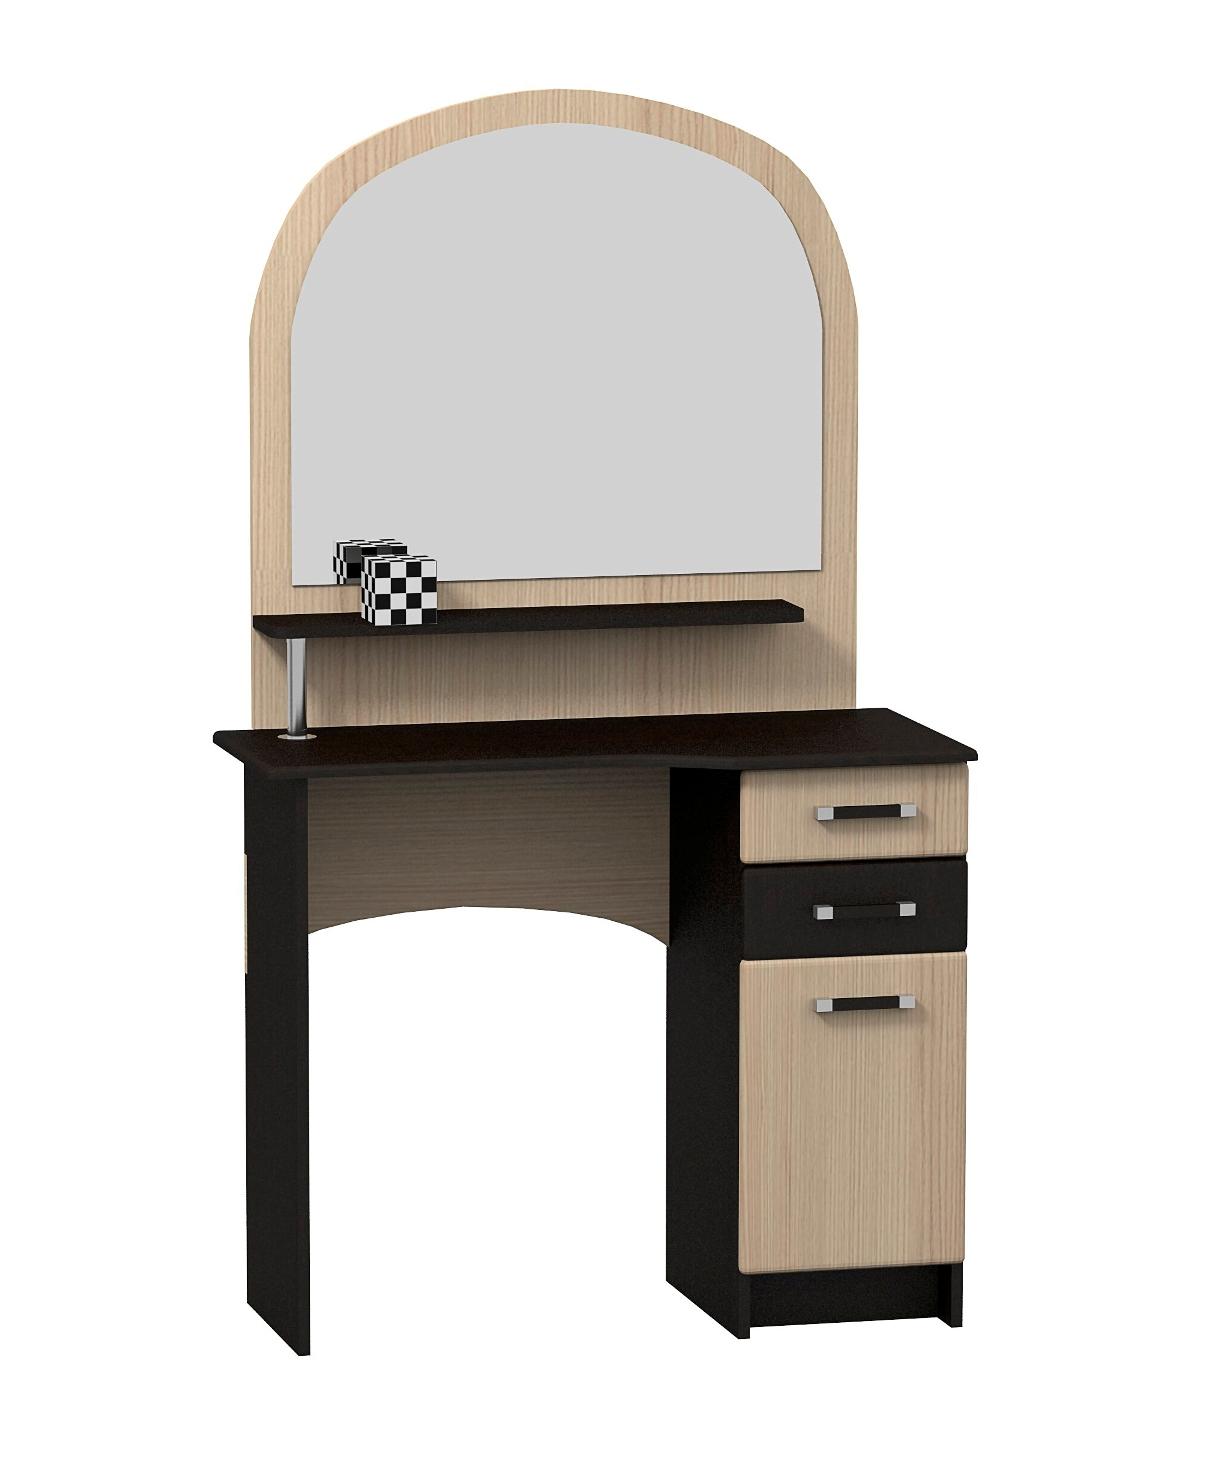 Стол туалетный СТ-01Туалетные столики<br>Размер: 900х1560х400<br><br>Материалы: ЛДСП, кромка ПВХ<br>Полный размер (ДхВхГ): 900х1560х400<br>Вес товара (кг): 40<br>Цвет: Комби: Венге+Ясень шимо светлый<br>Примечание: Доставляется в разобранном виде<br>Изготовление и доставка: 10-14 дней<br>Количество упаковок: 2 шт<br>Условия доставки: Бесплатная по Москве до подъезда<br>Условие оплаты: Оплата наличными при получении товара<br>Доставка по МО (за пределами МКАД): 30 руб./км<br>Доставка в пределах ТТК: Доставка в центр Москвы осуществляется ночью, с 22.00 до 6.00 утра<br>Подъем на лифте: 300 руб.<br>Подъем без лифта: 150 руб./этаж, включая первый<br>Сборка: 1000 руб.<br>Гарантия: 12 месяцев<br>Производство: Россия, г.Дзержинск<br>Производитель: МК Премиум